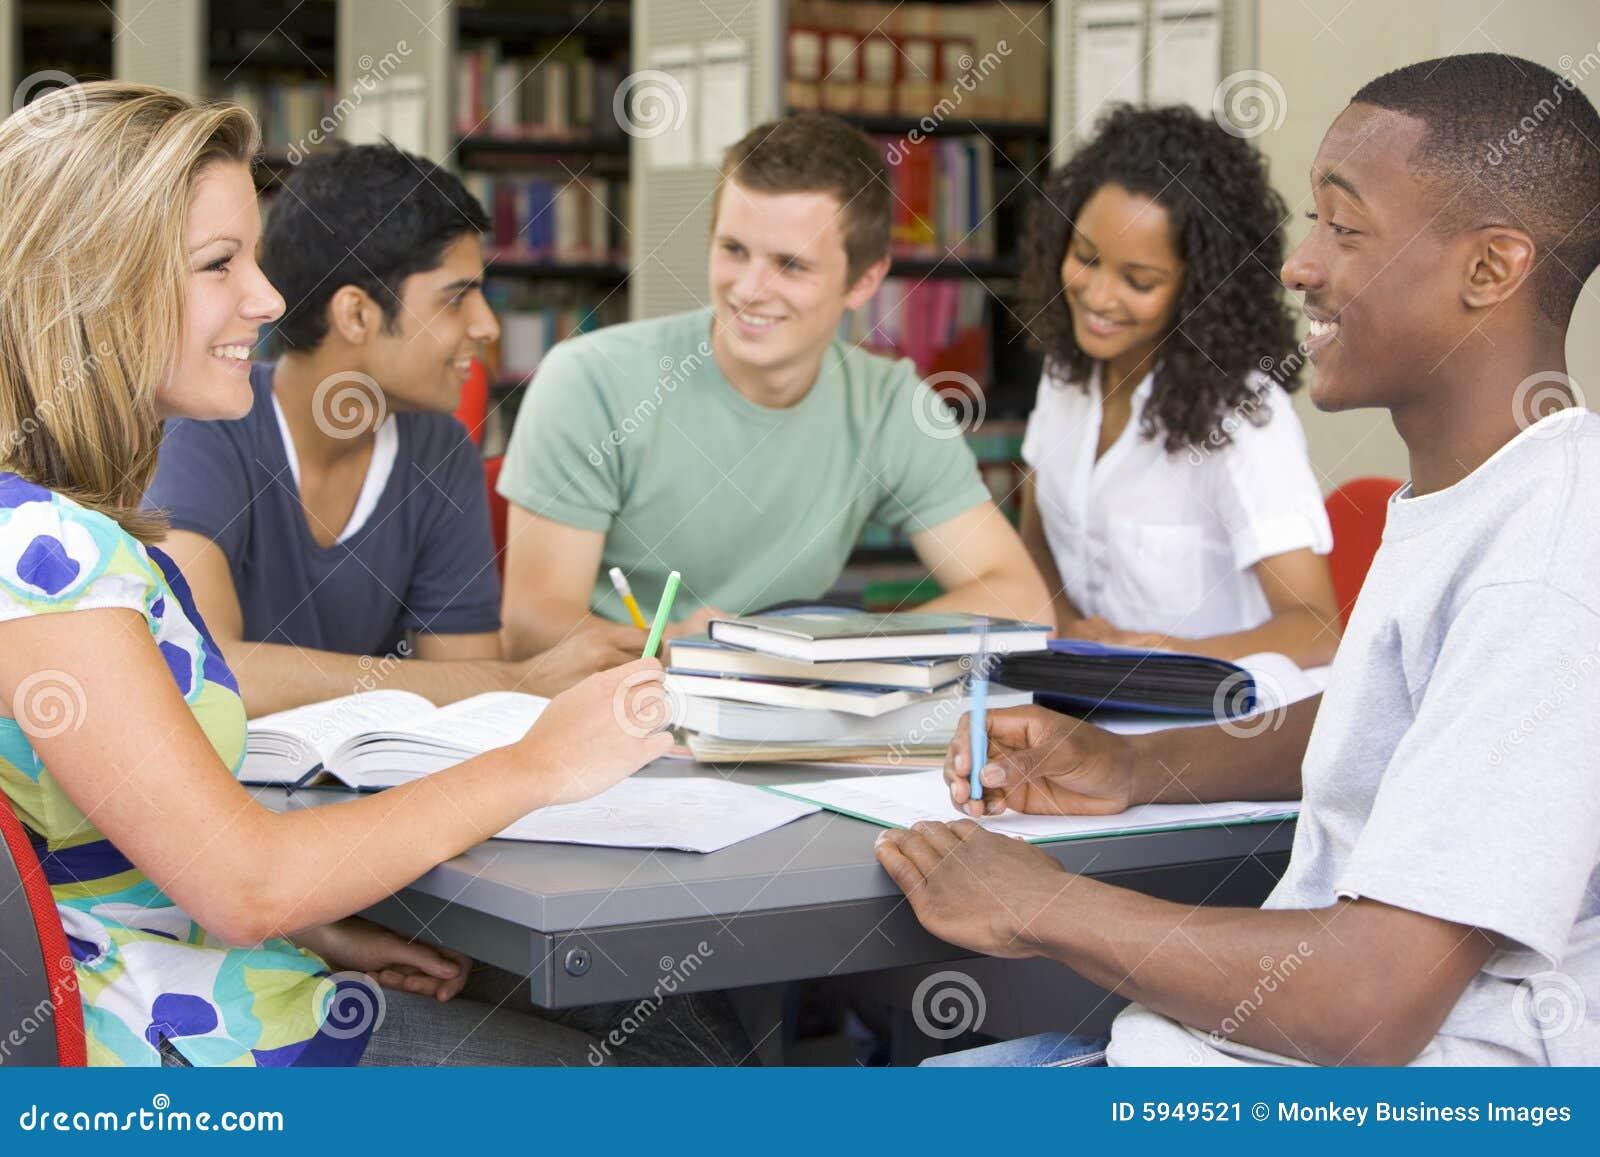 Étudiants universitaires étudiant ensemble dans une bibliothèque